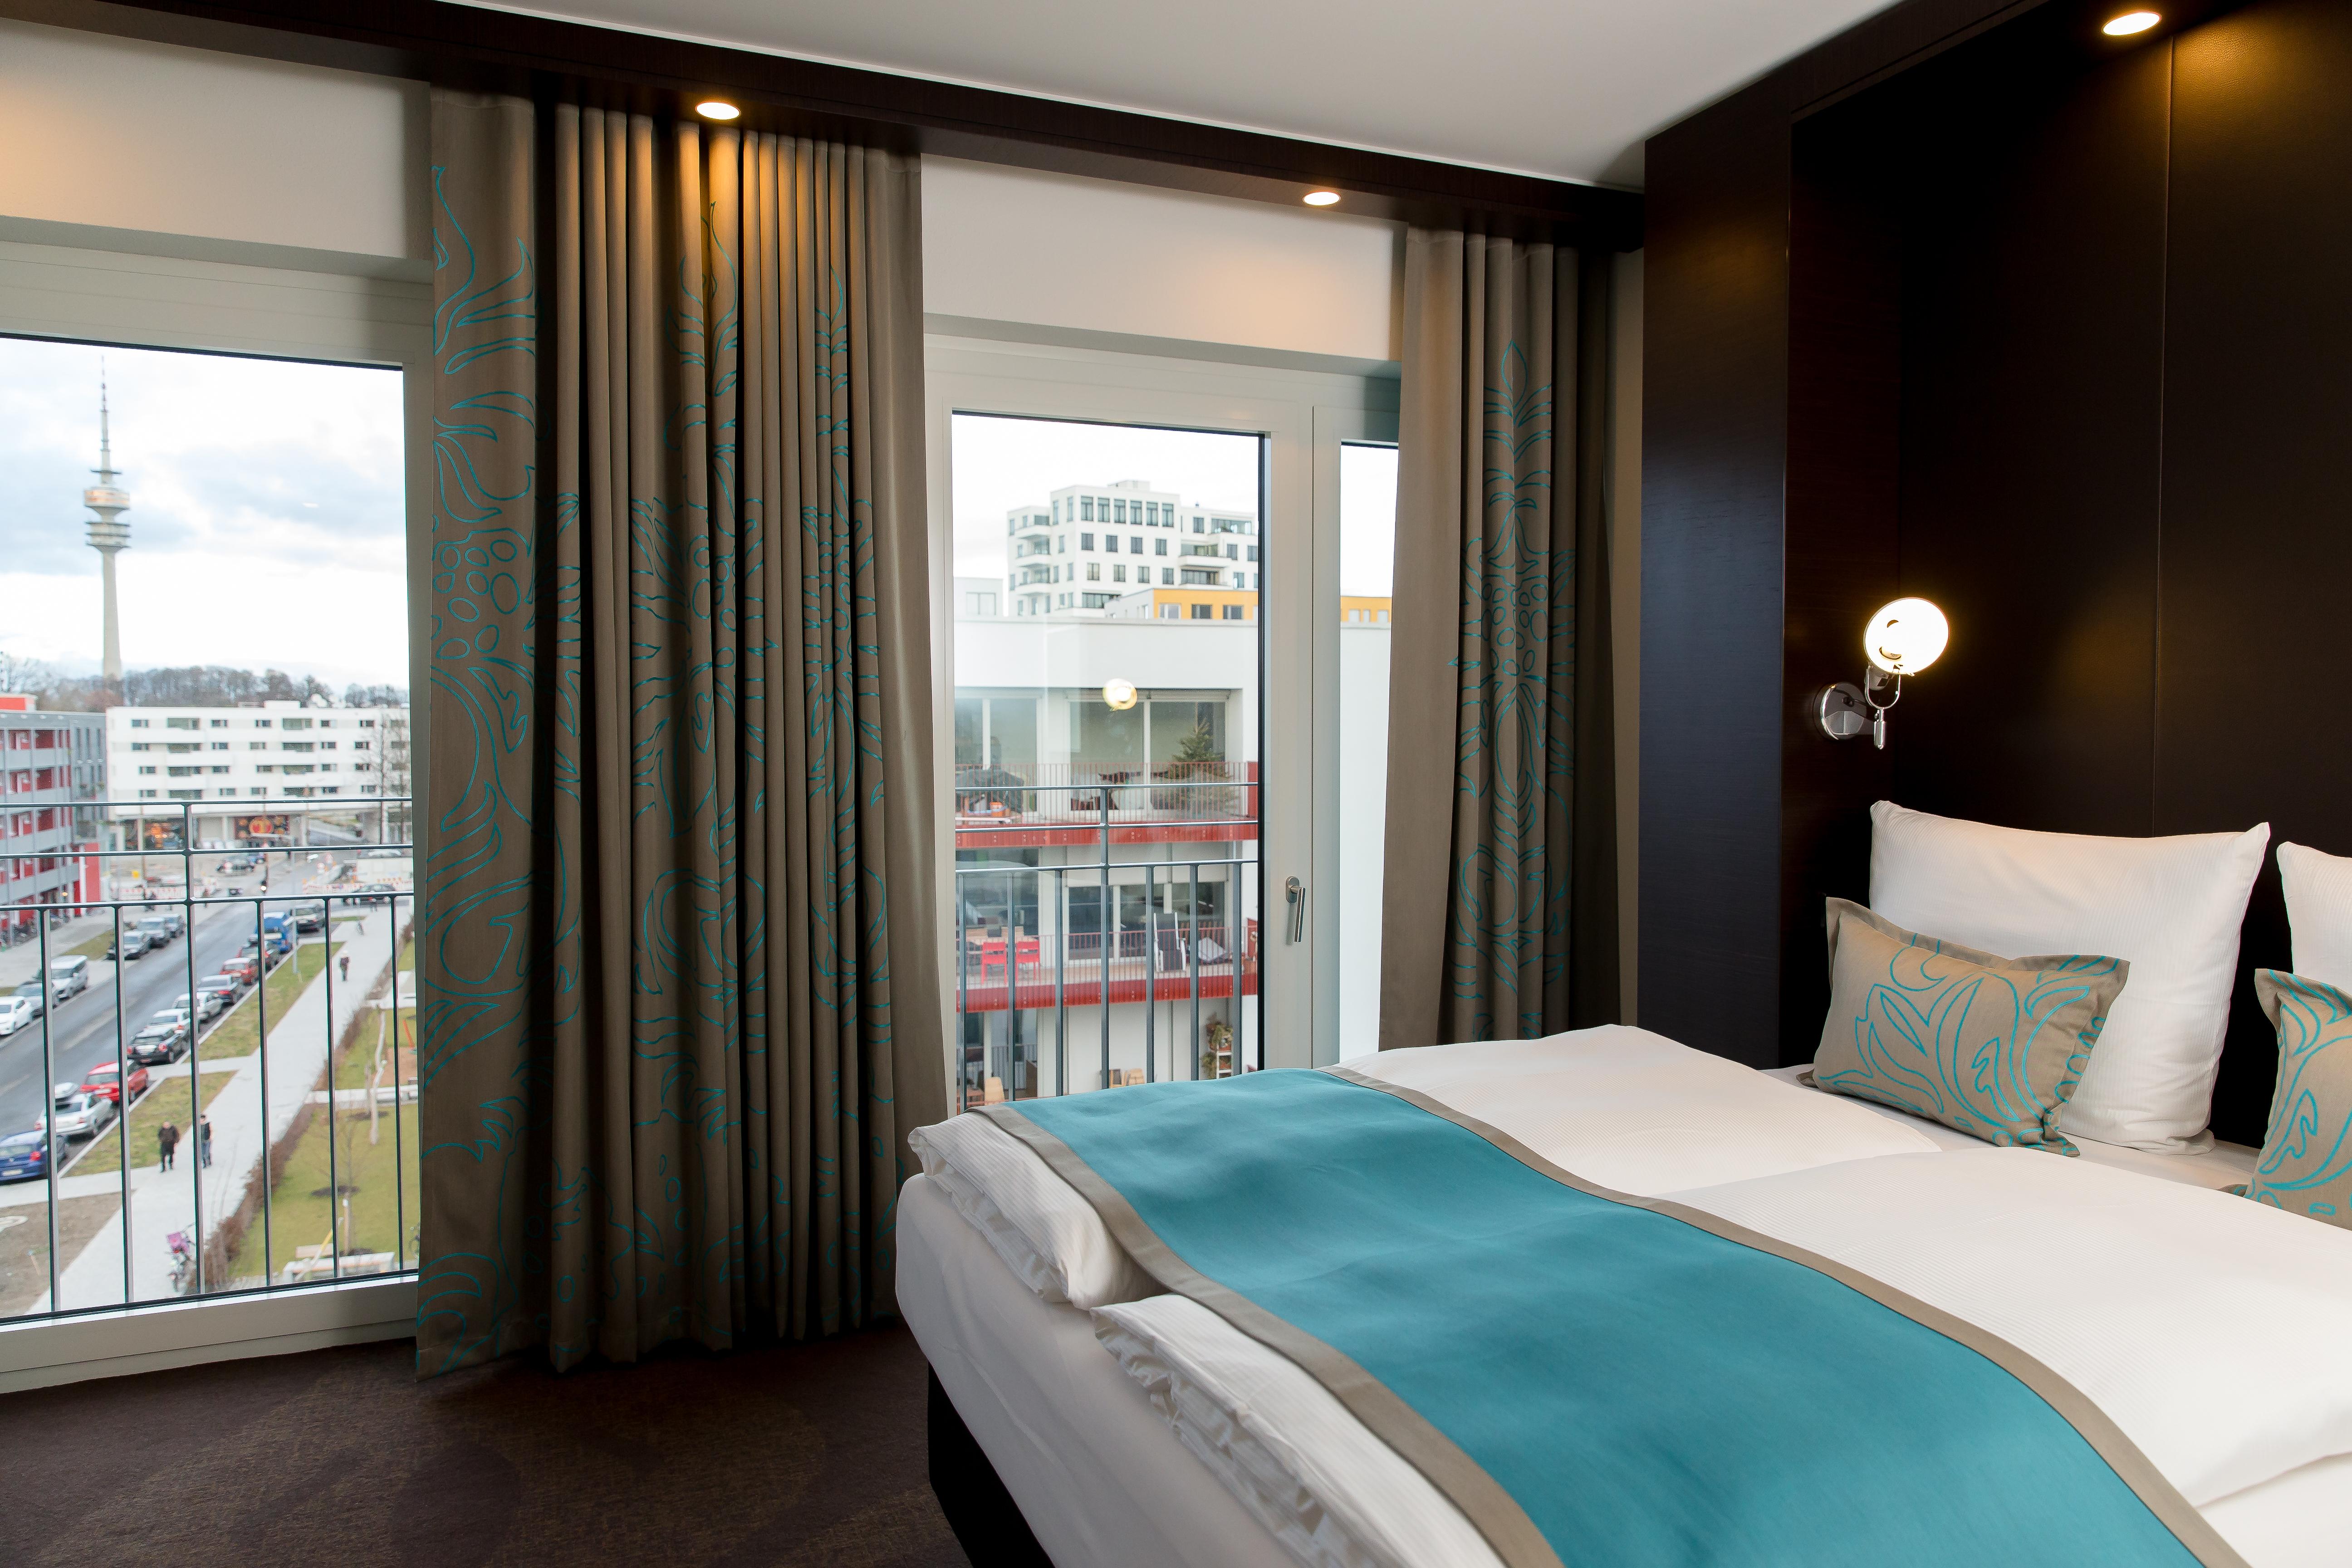 Hotel Munich Olympia Gate Motel One | design hotels Munich Olympia Gate